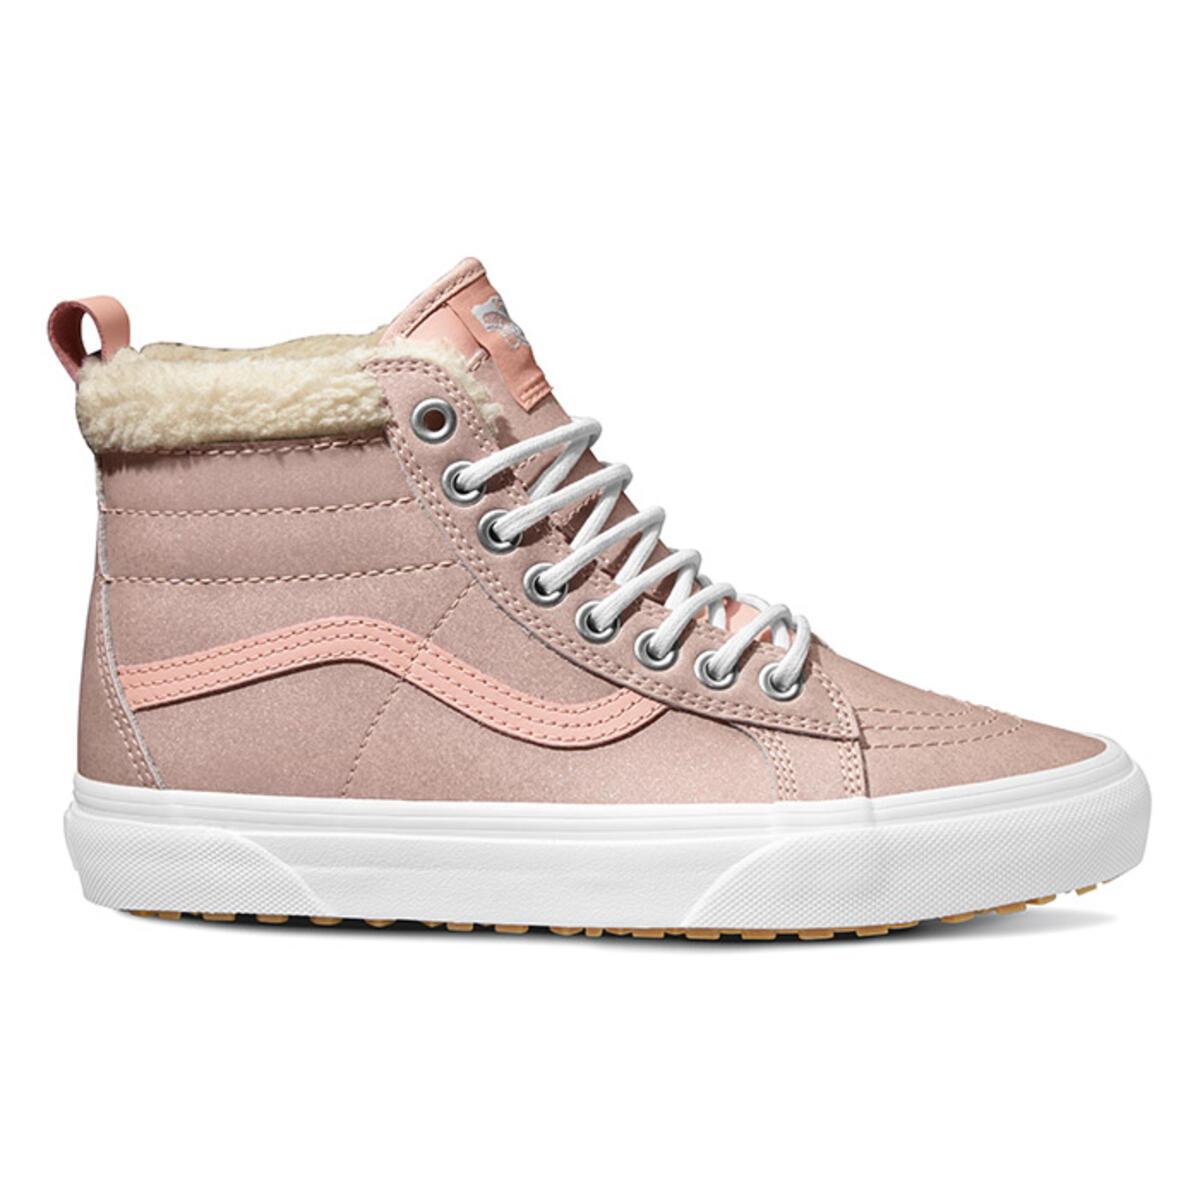 Van Women S Sk8 Hi Mte Metallic Soft Pink Shoes Sun